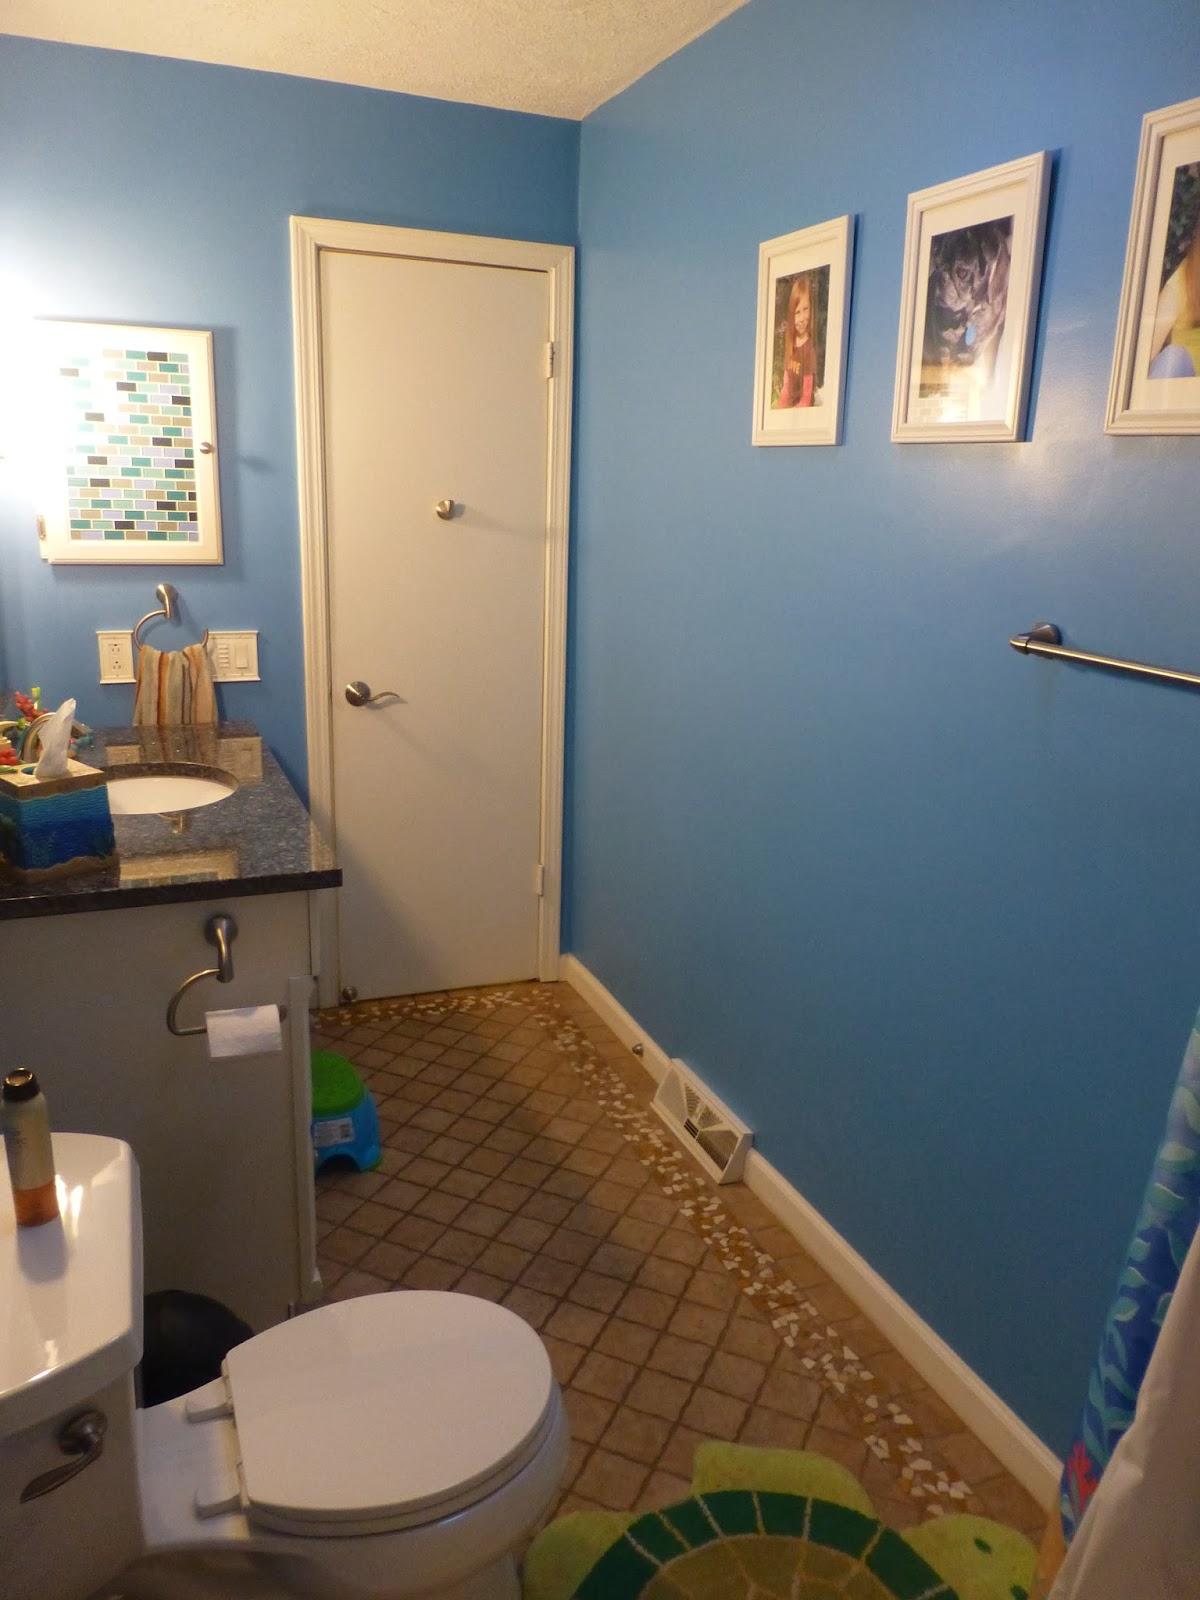 how to fix bathroom salves